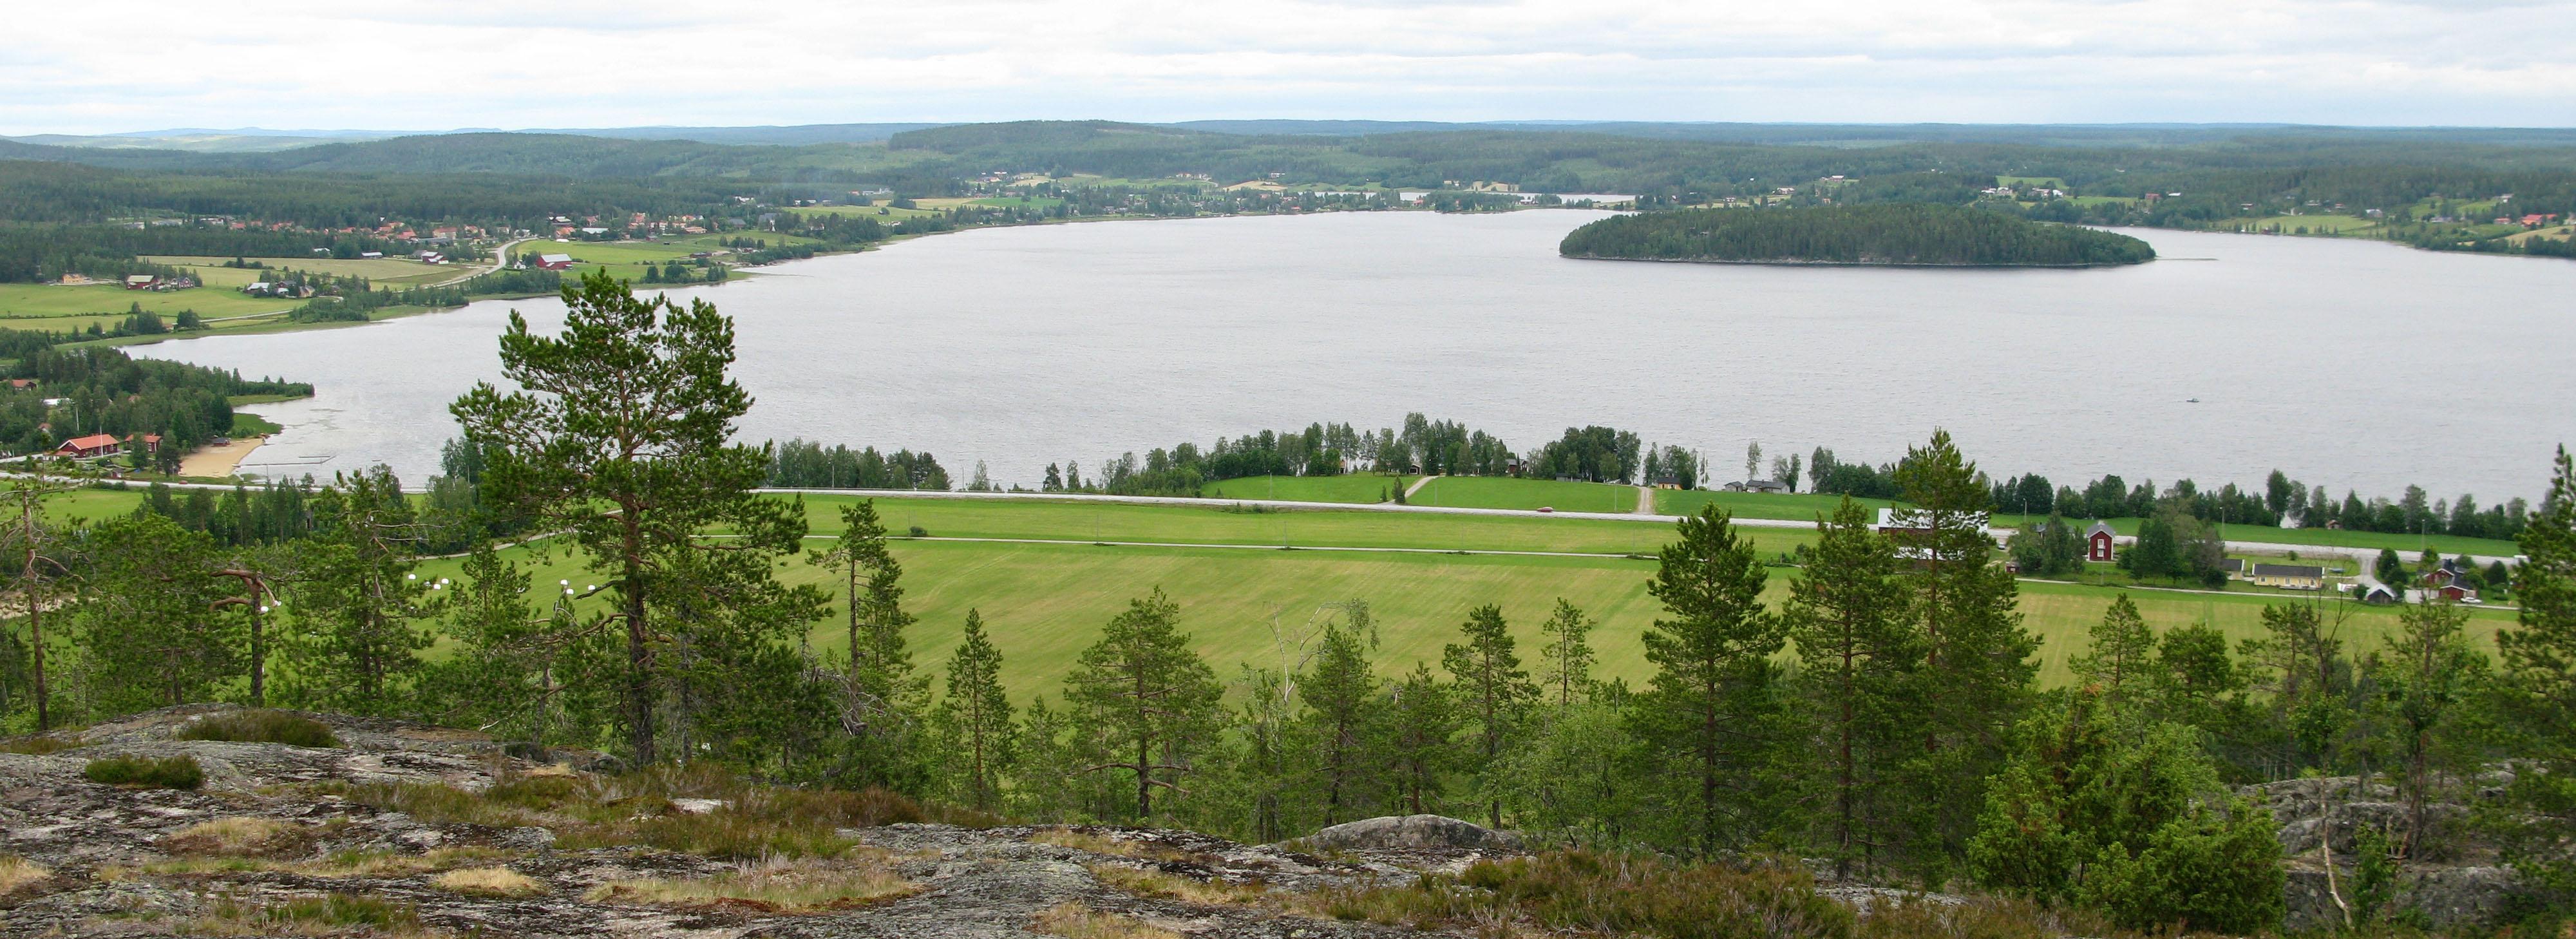 Tavelsjö Hembygdsförening